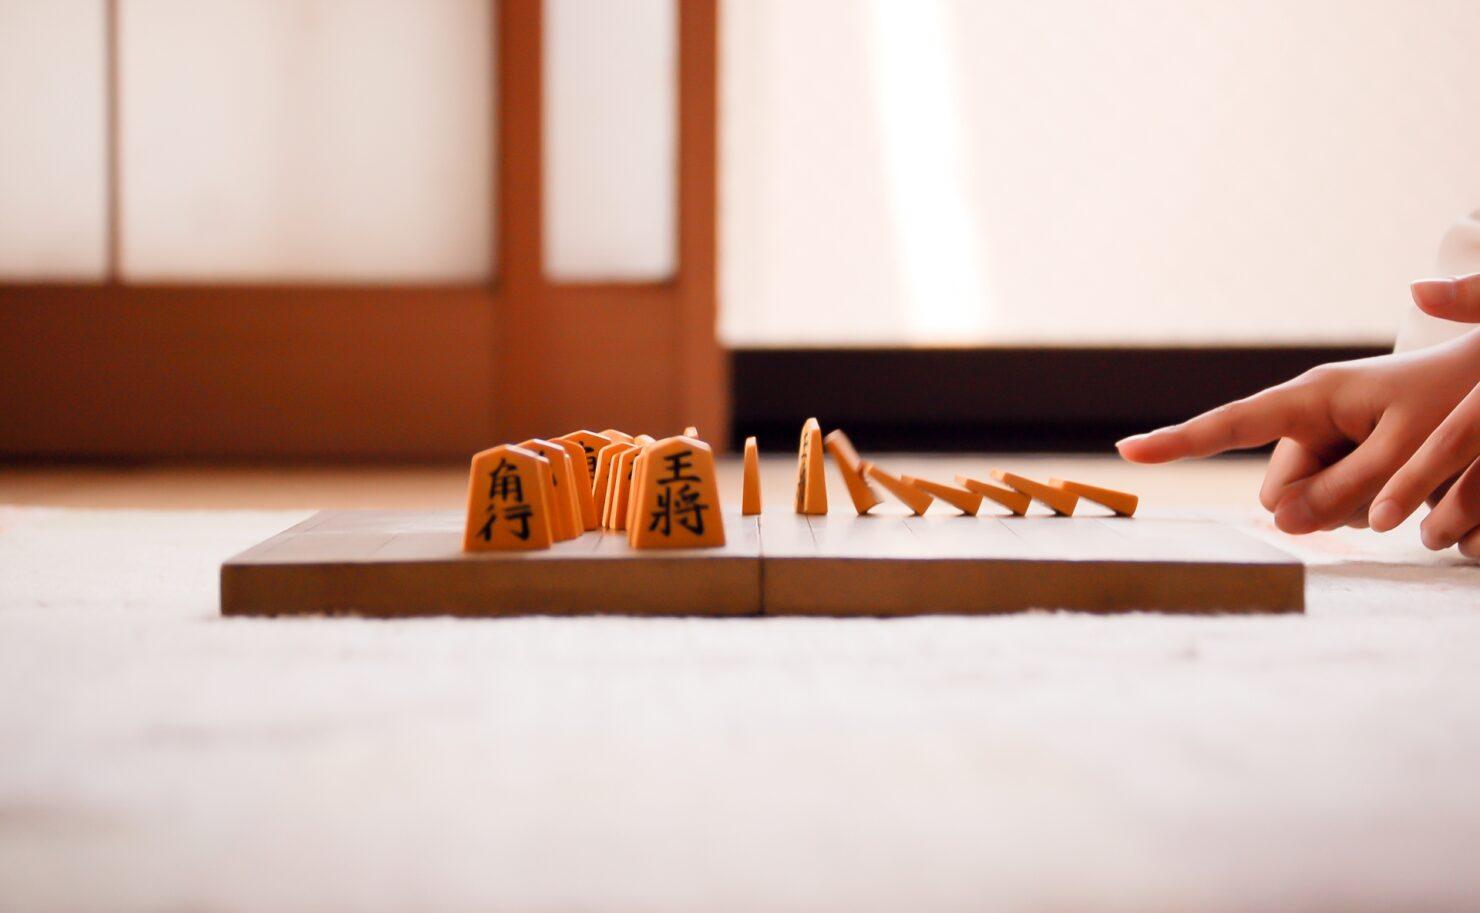 子供におすすめの「9マス将棋」は何歳から遊べる? 遊び方や関連本を紹介